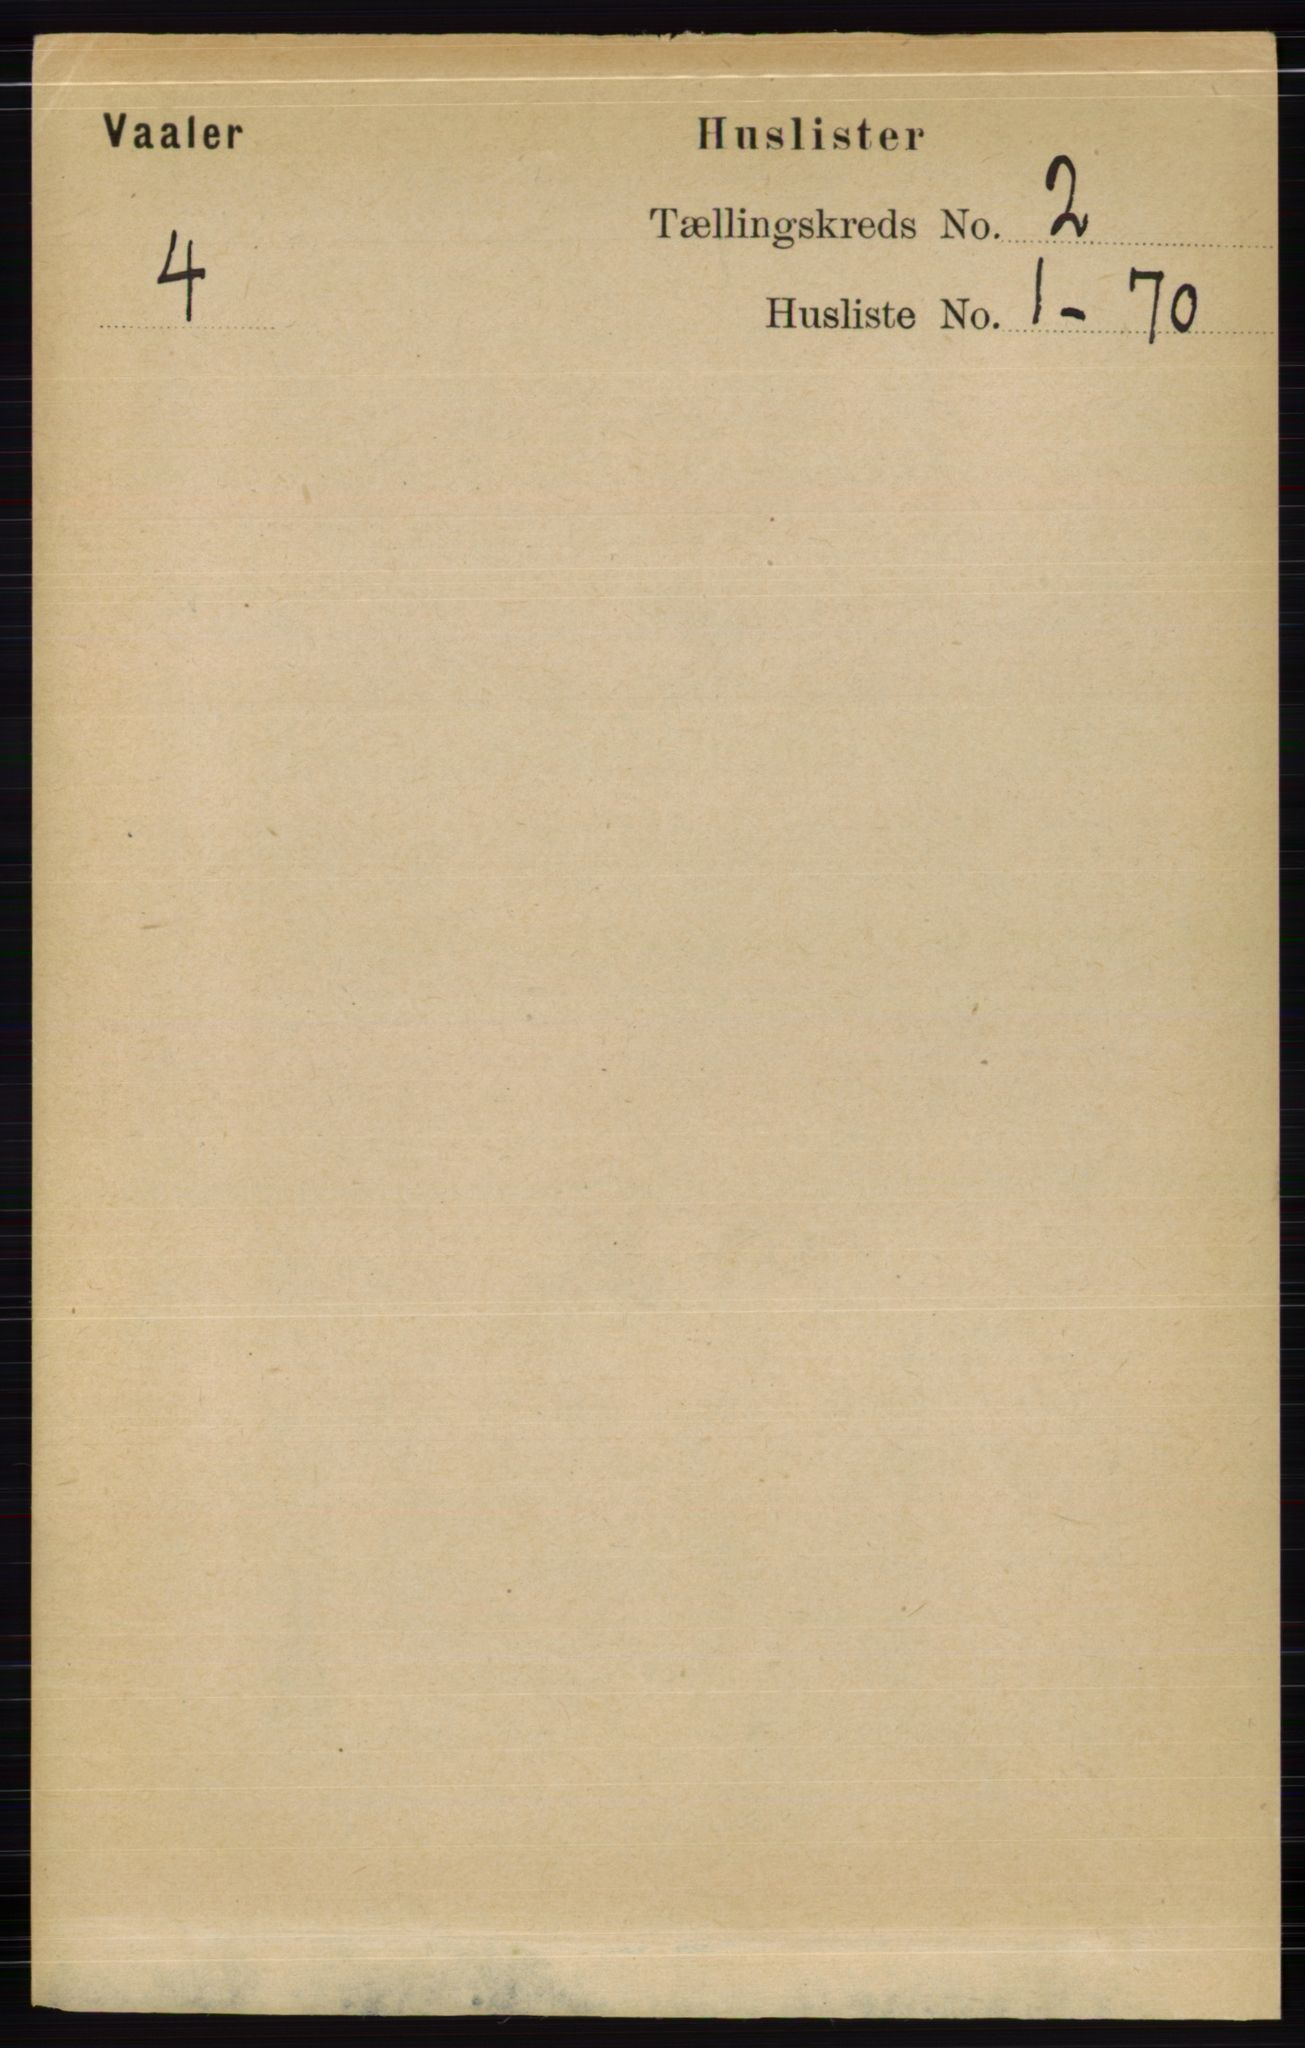 RA, Folketelling 1891 for 0426 Våler herred, 1891, s. 429